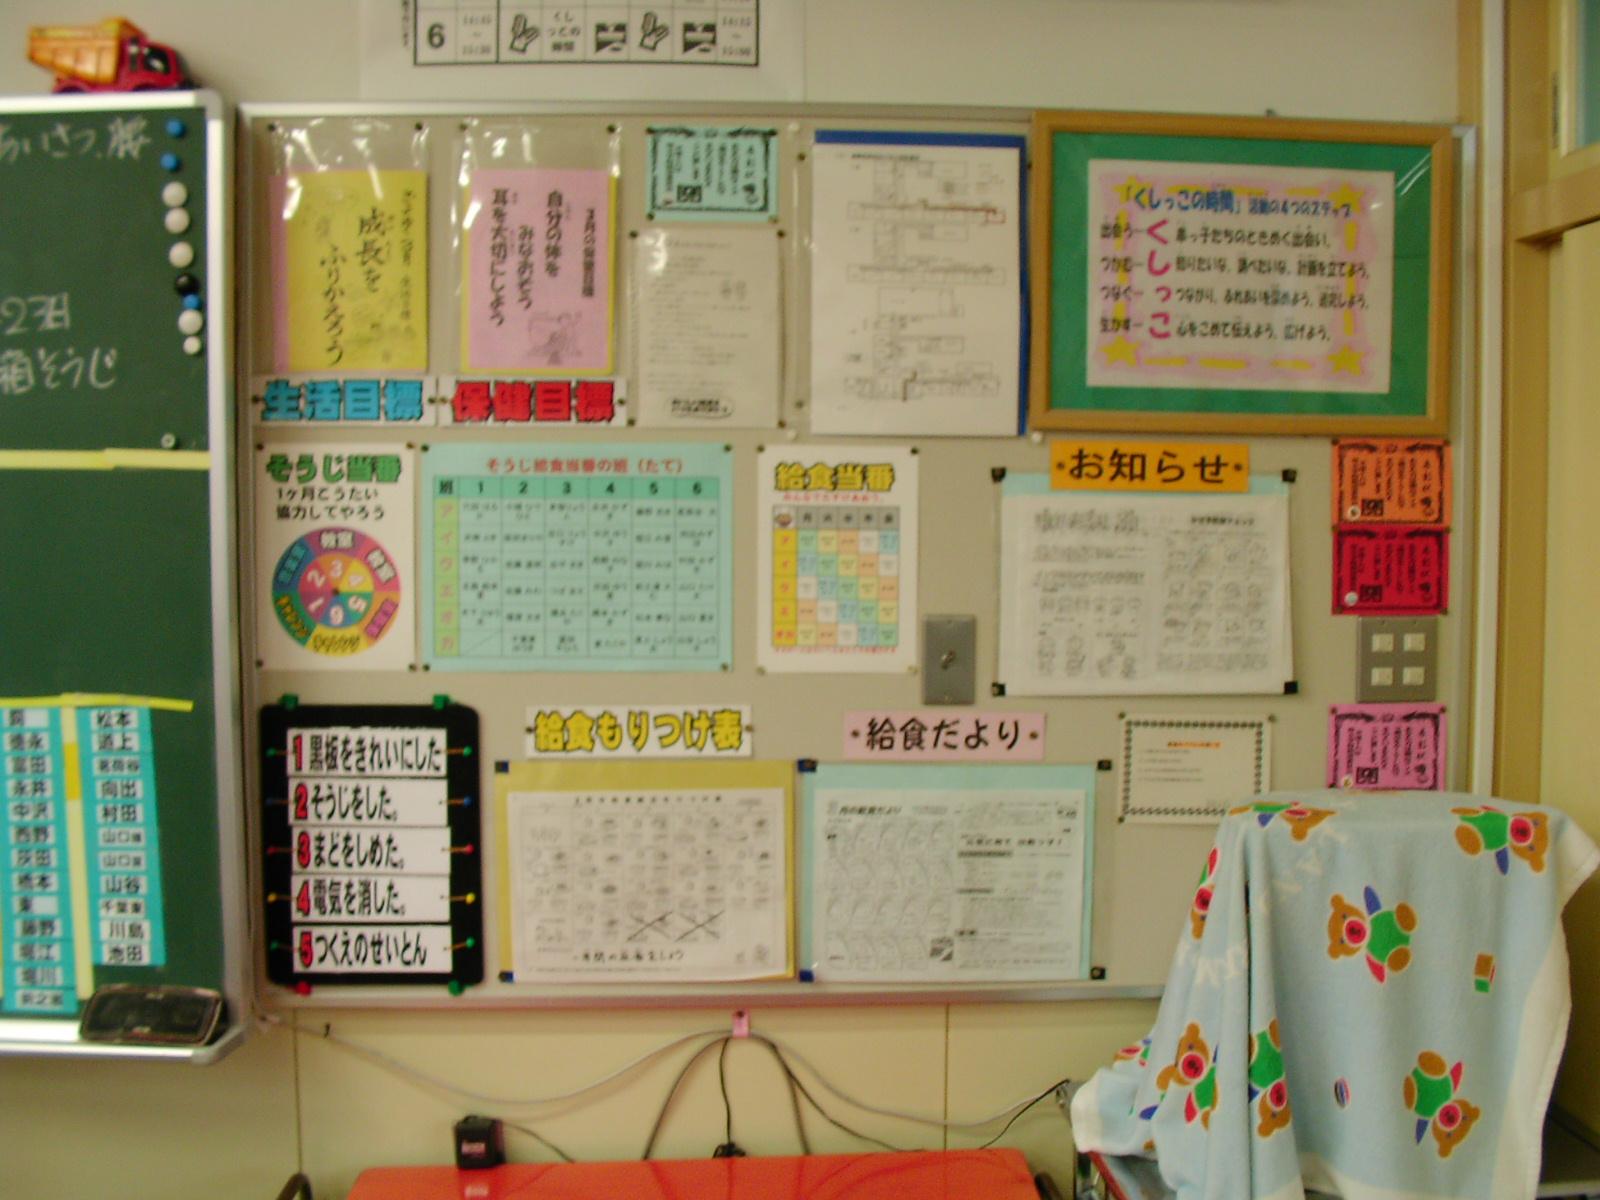 プリント 1年生 国語 プリント : SANY0085.JPG: 教室の掲示物 ...